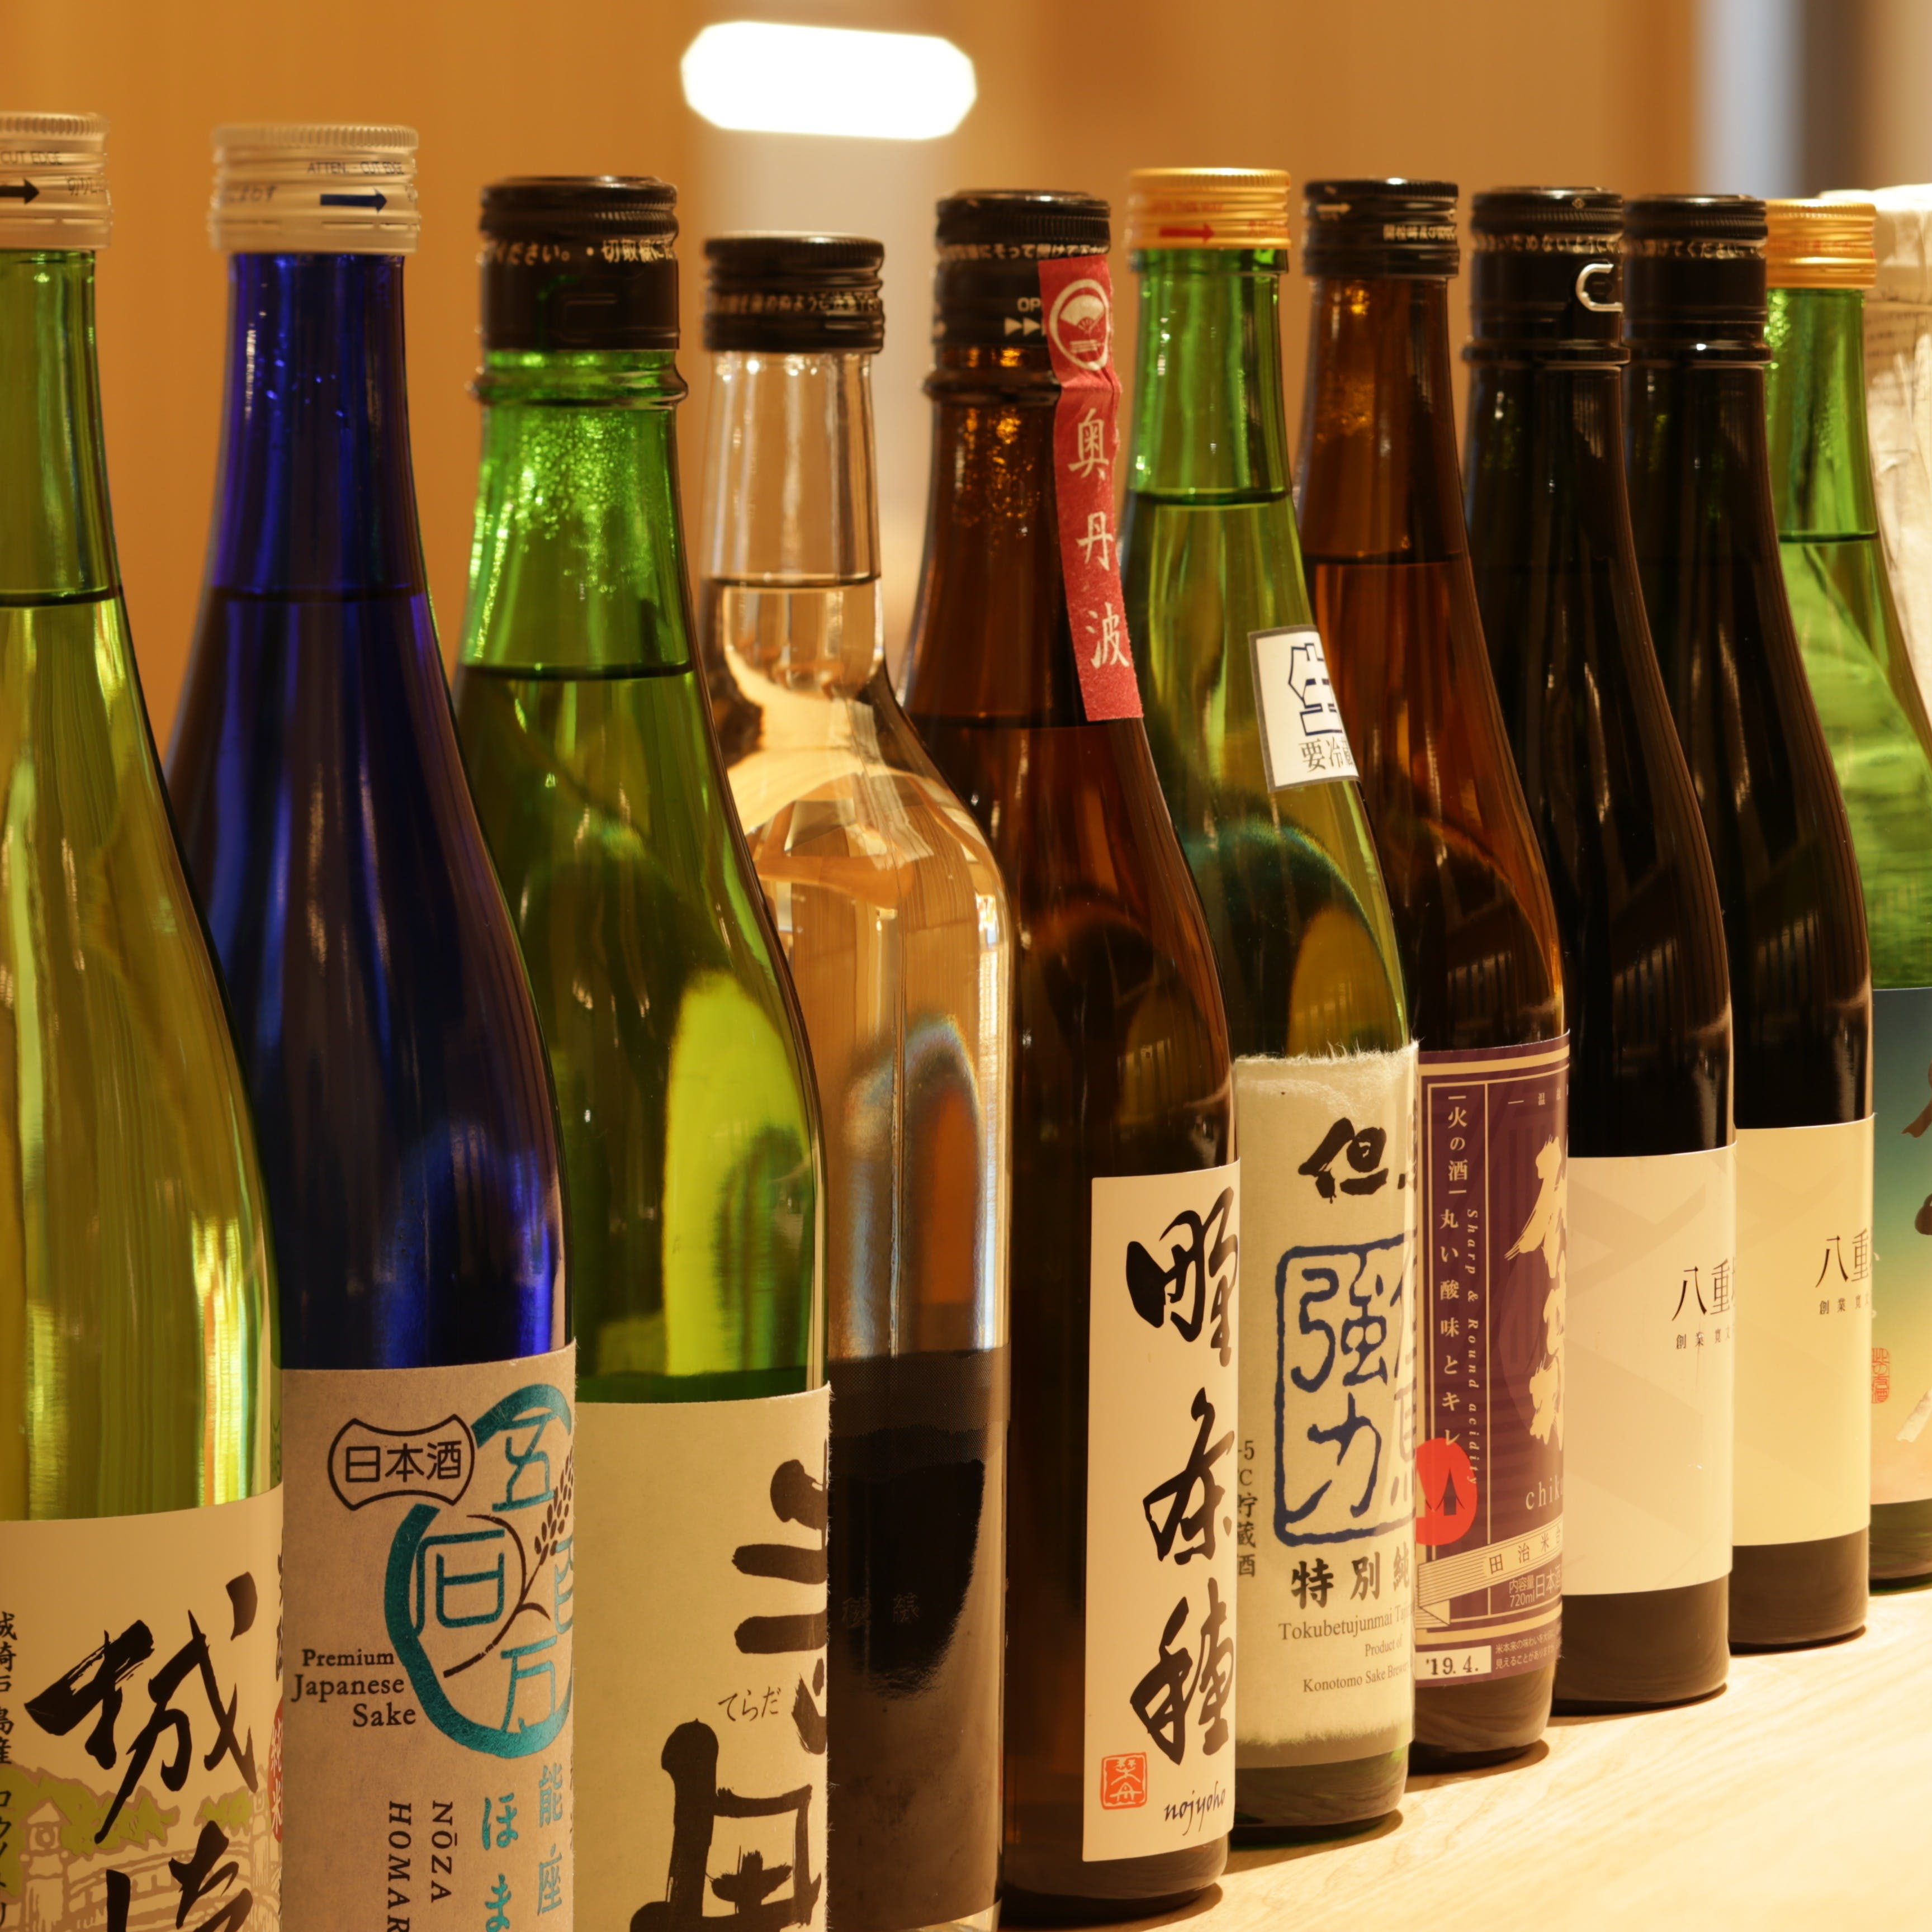 利酒師が選んだ個性豊かな地酒を20種以上取り揃えております。